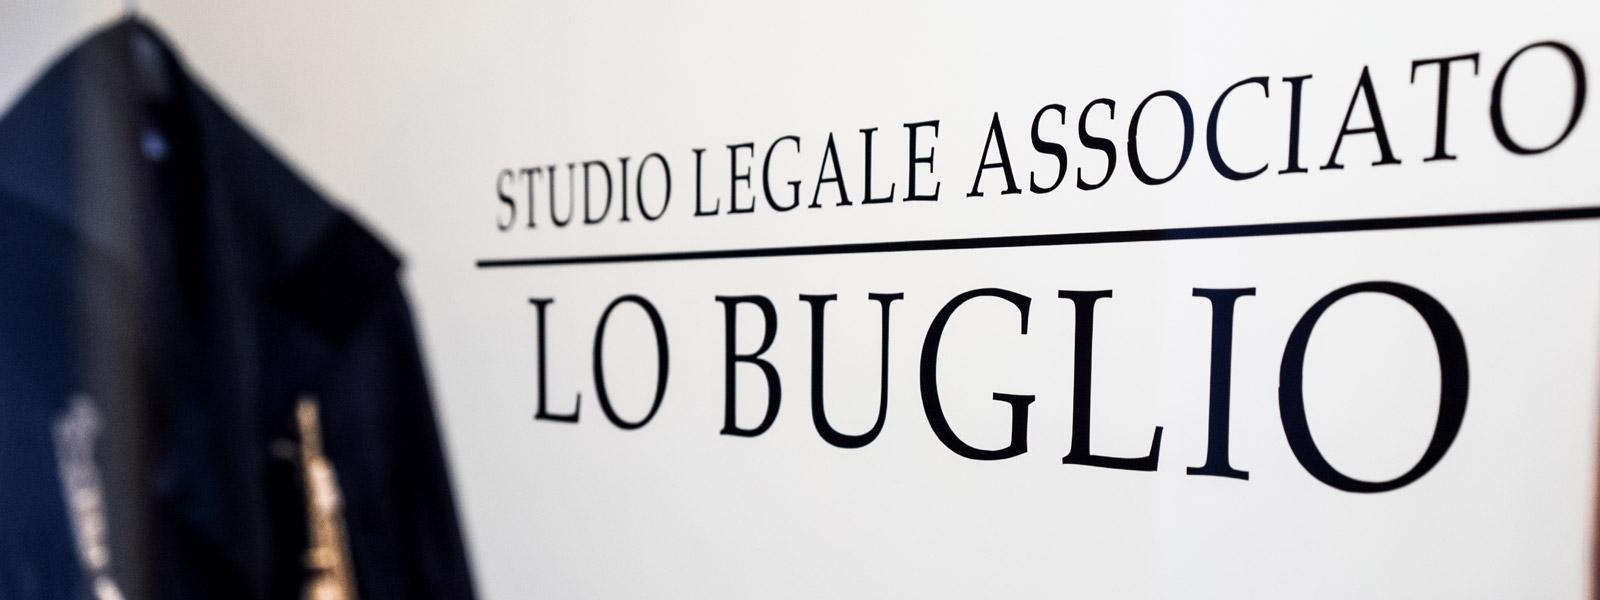 studio-legale-associato-lo-buglio-avvocati-cassazione-diritto-civile-penale-amministrativo-pavia-milano-4